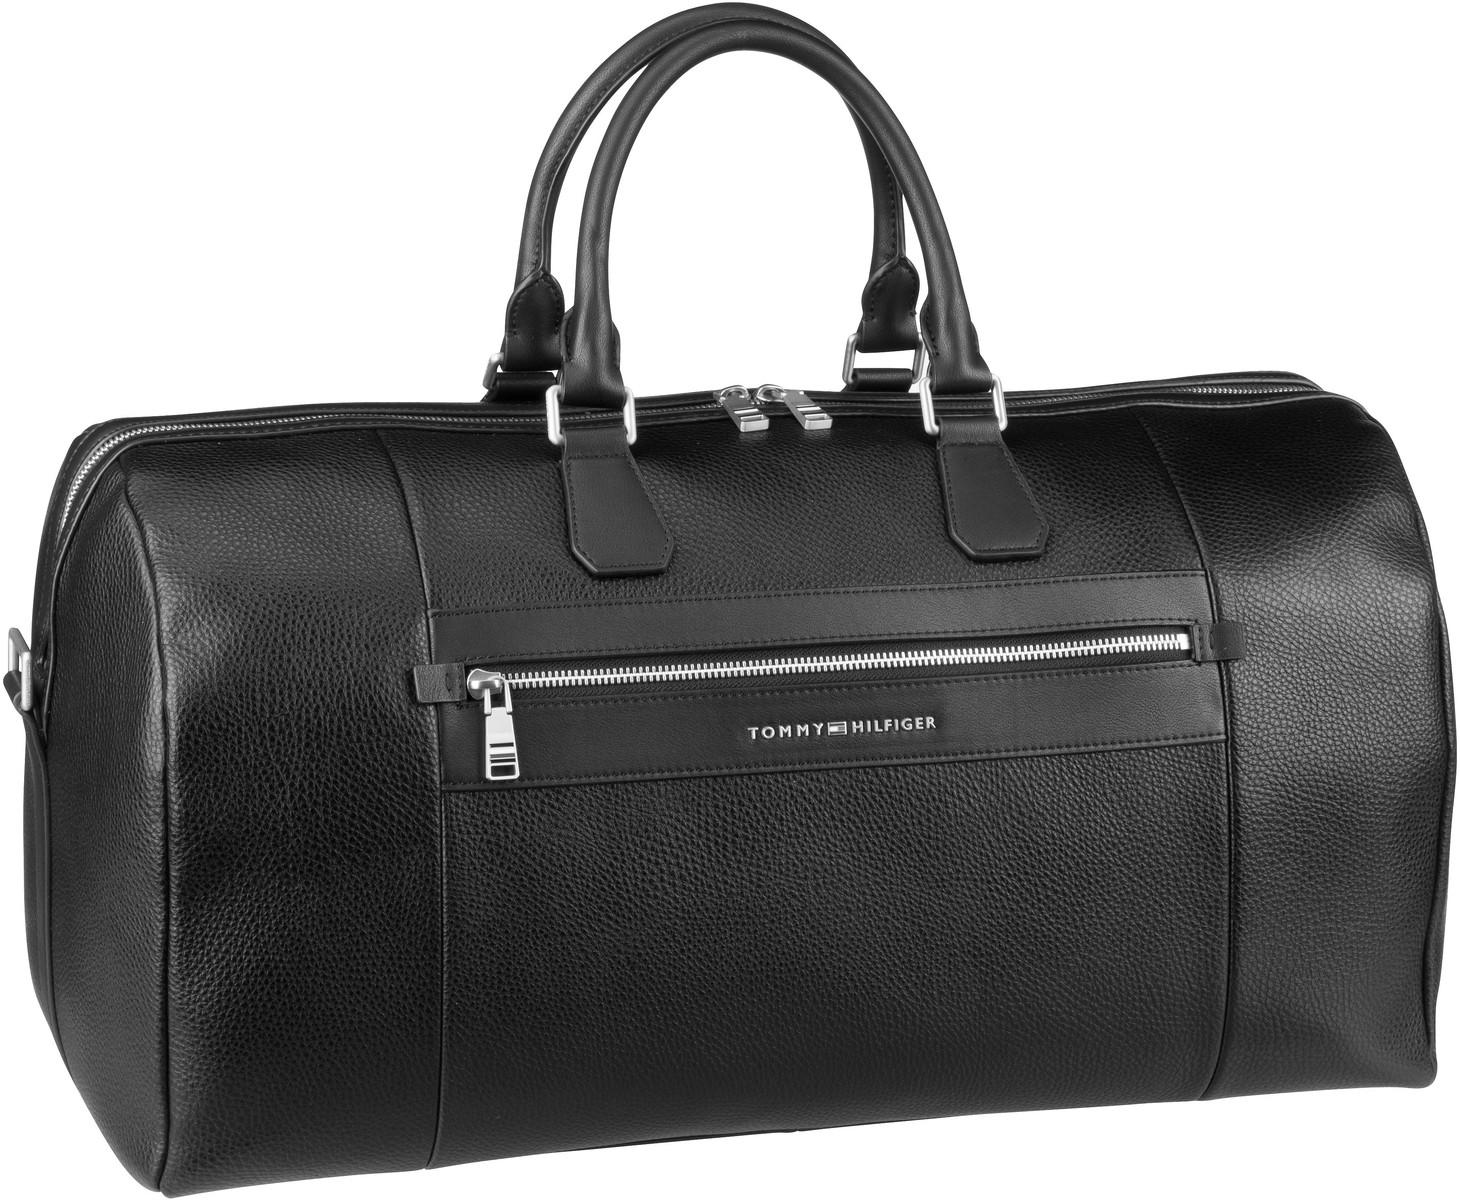 tommy hilfiger -  Reisetasche TH Modern Duffle PF20 Black